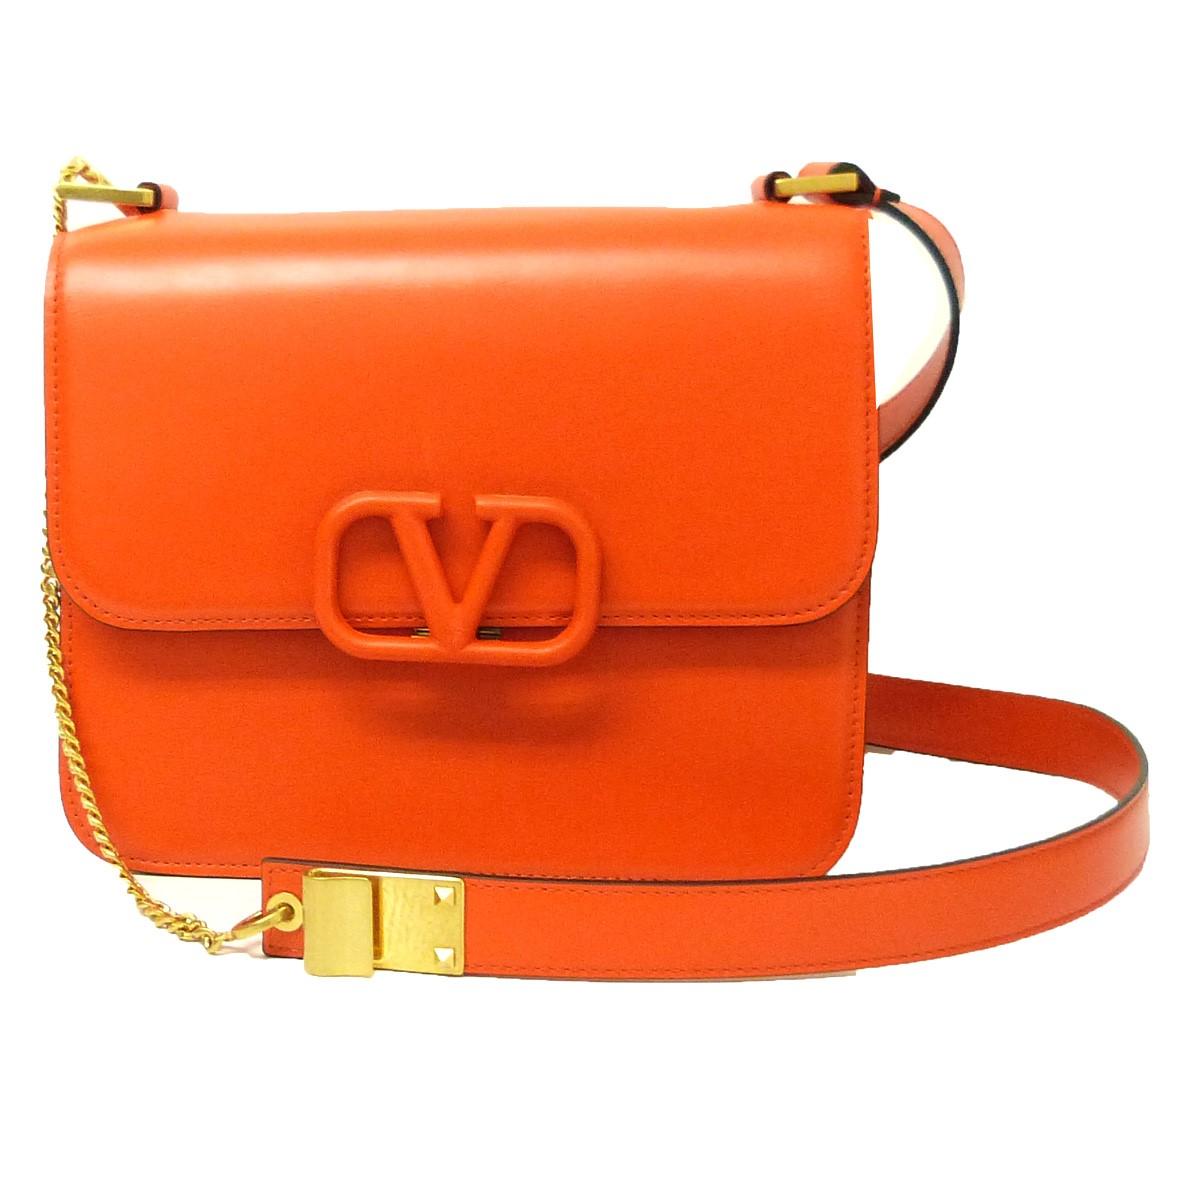 【中古】VALENTINO 「Vスリング」ショルダーバッグ オレンジ 【030420】(ヴァレンチノ)